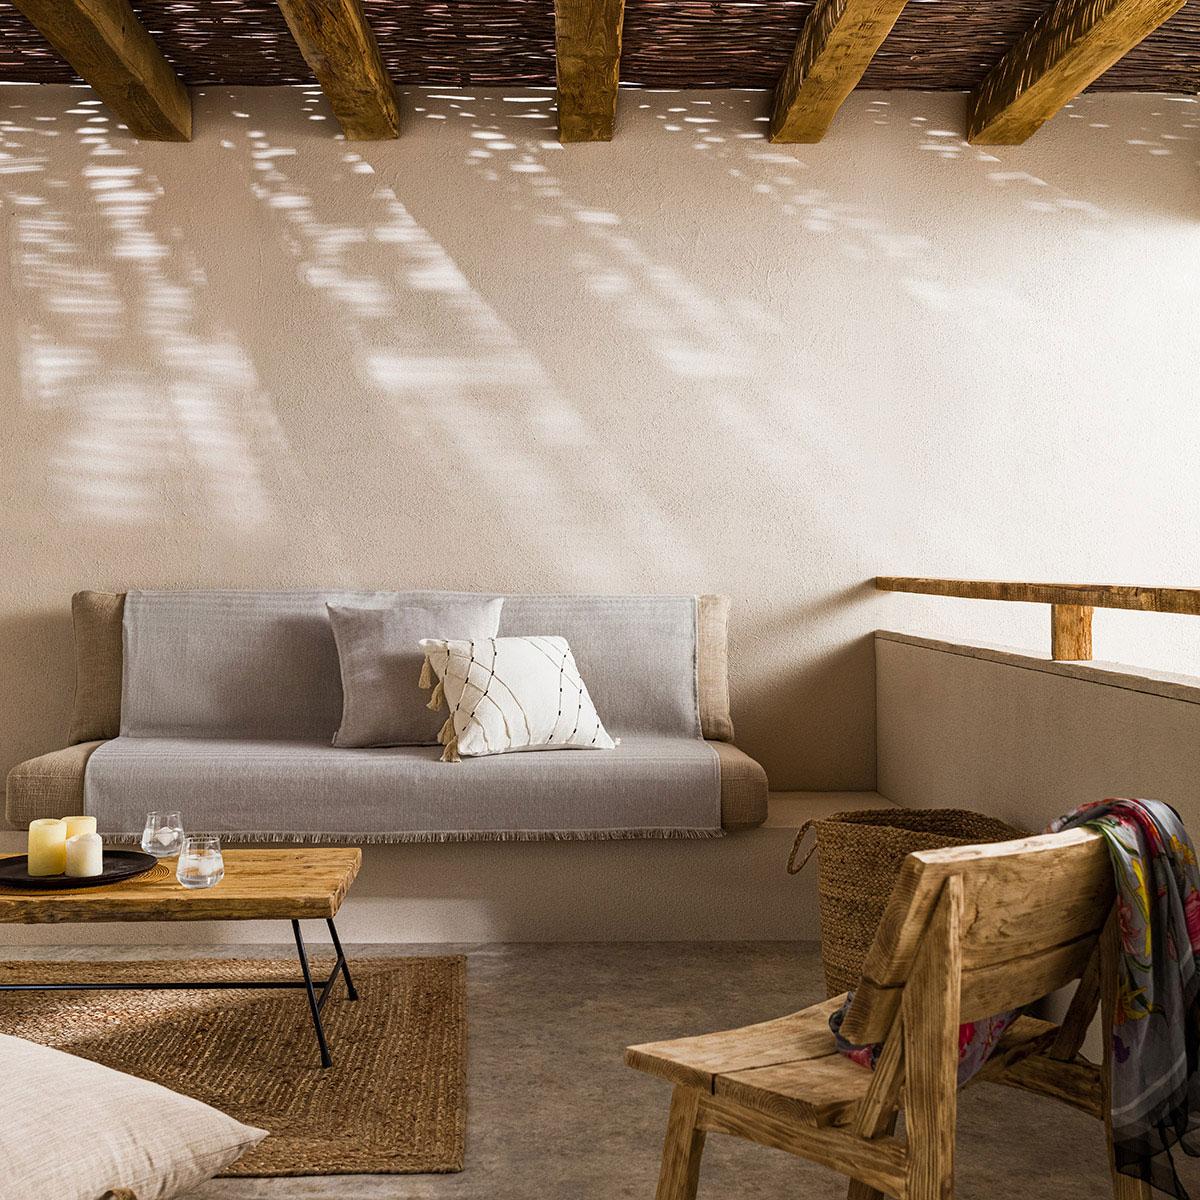 Ριχτάρι Τετραθέσιου (180×350) Gofis Home Rene Grey 732/15